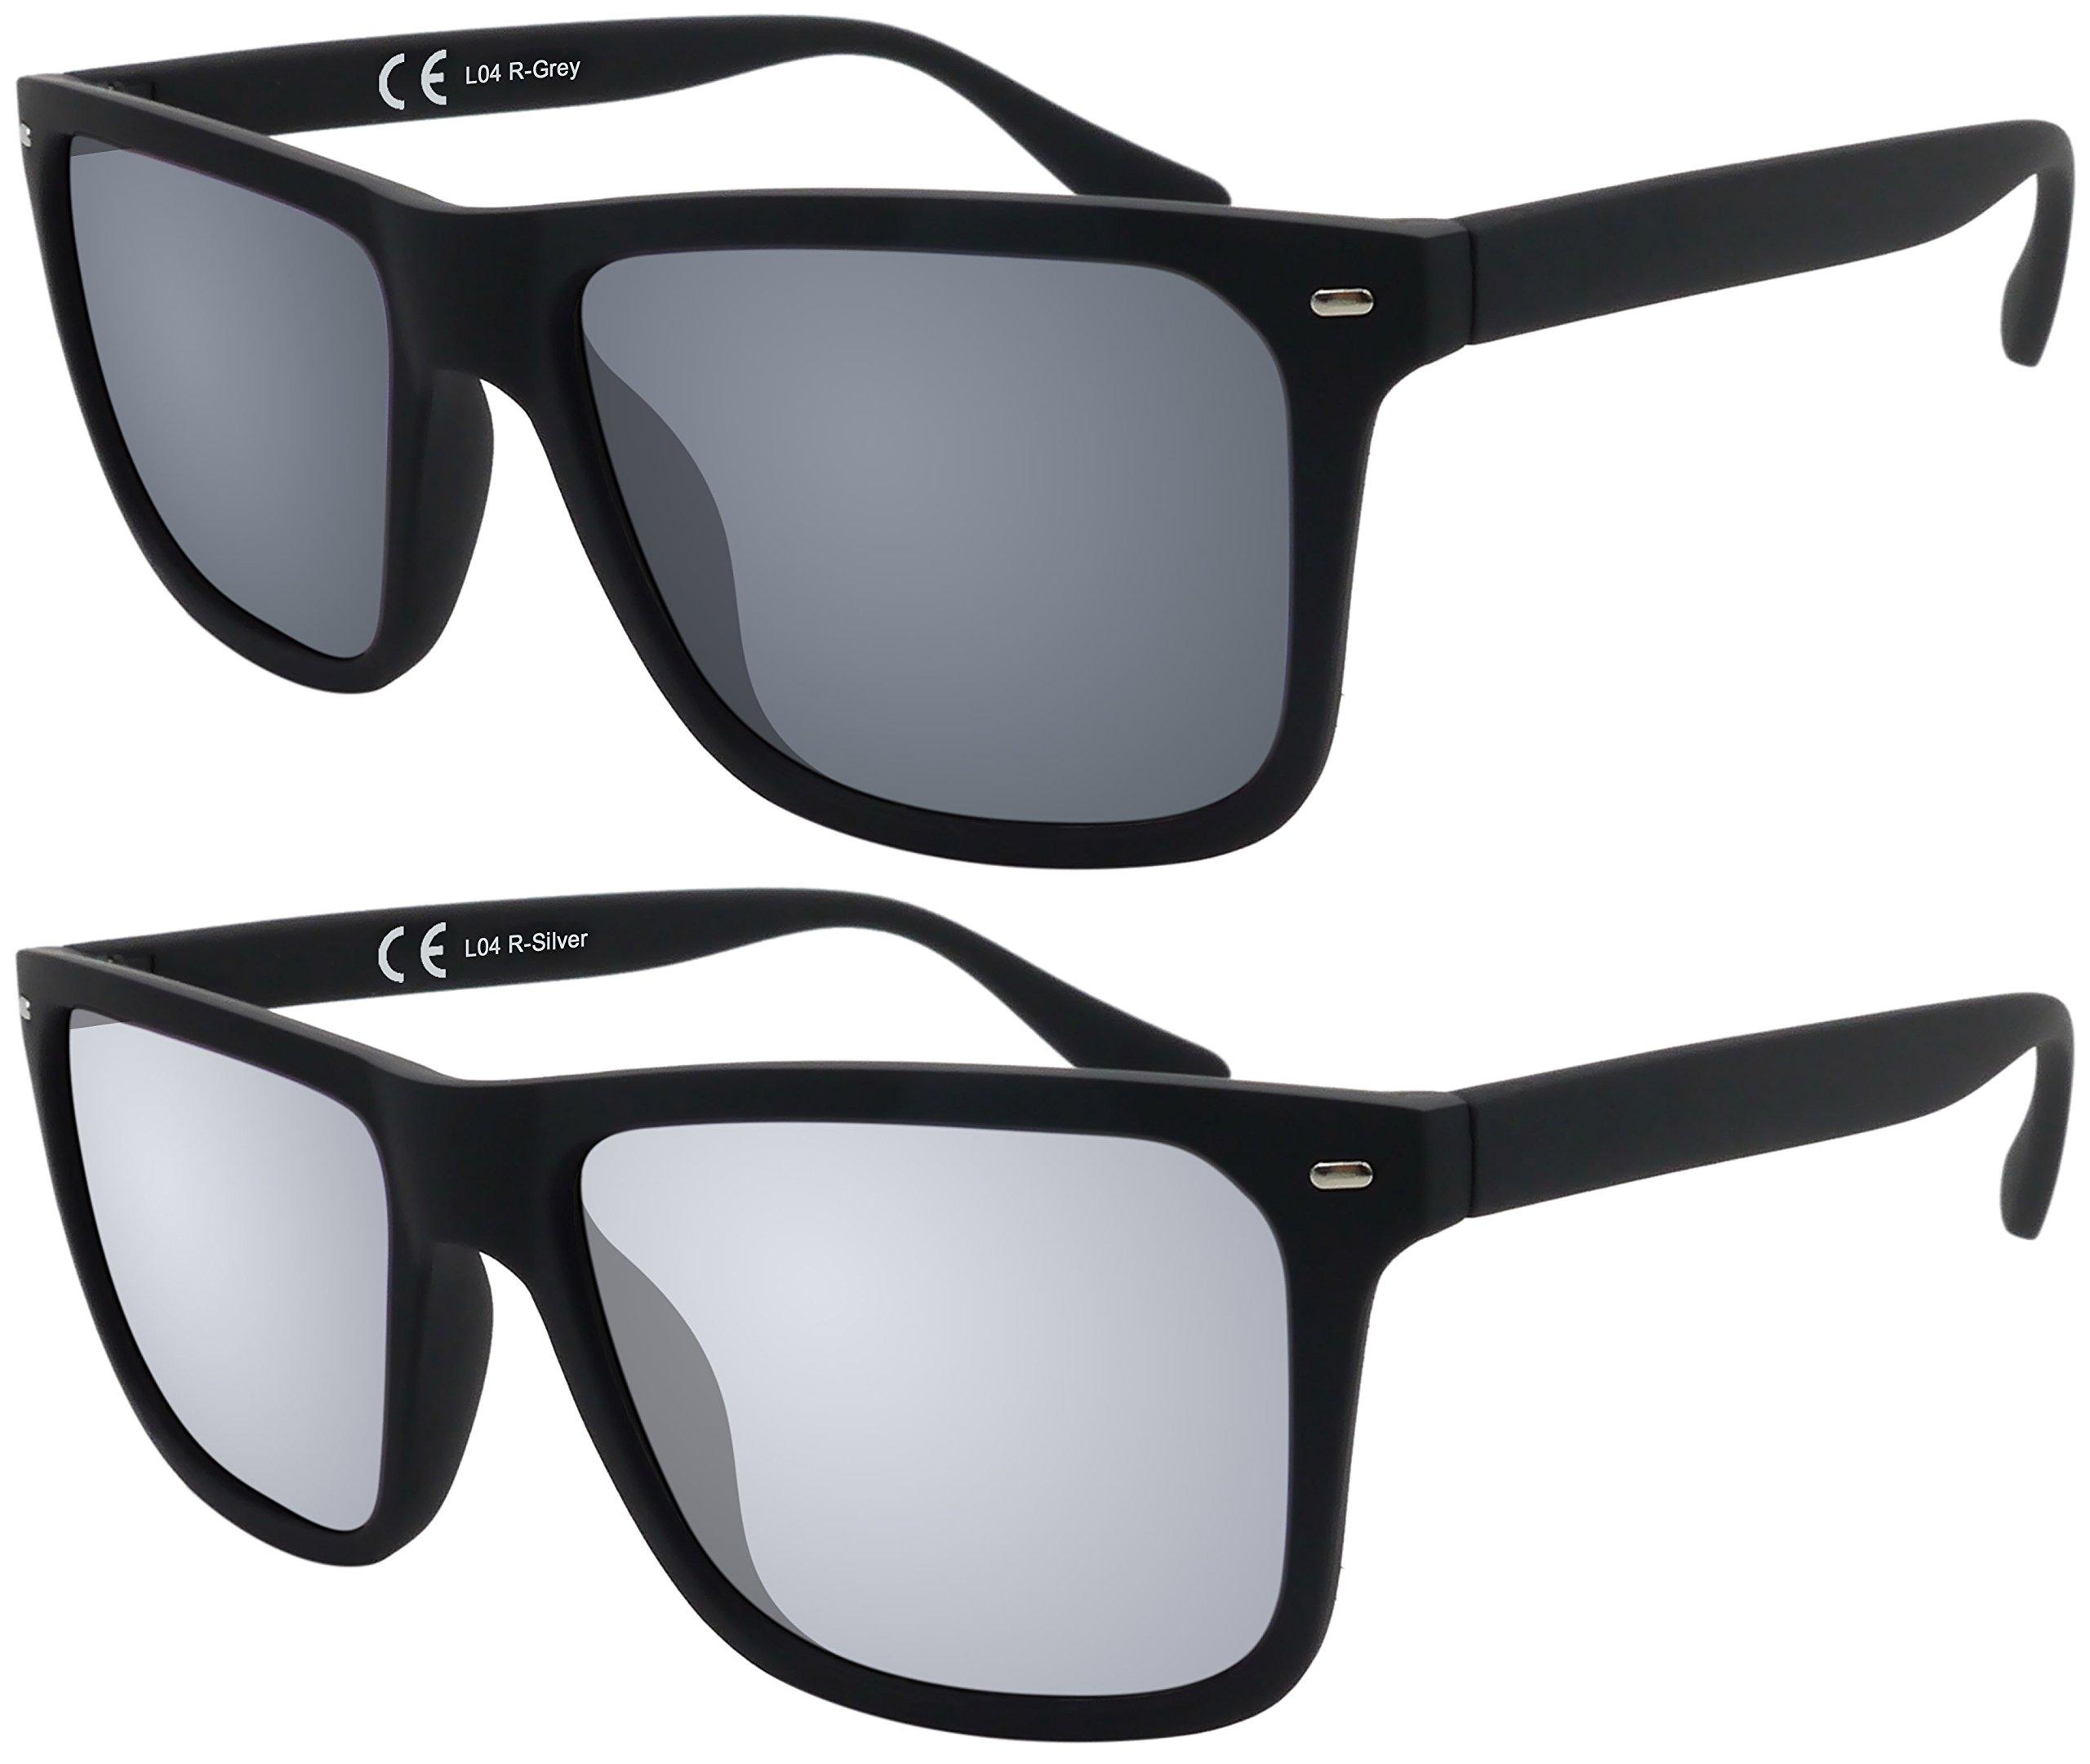 Original La Optica Verspiegelte UV400 Herren Sonnenbrille Wayfarer ...